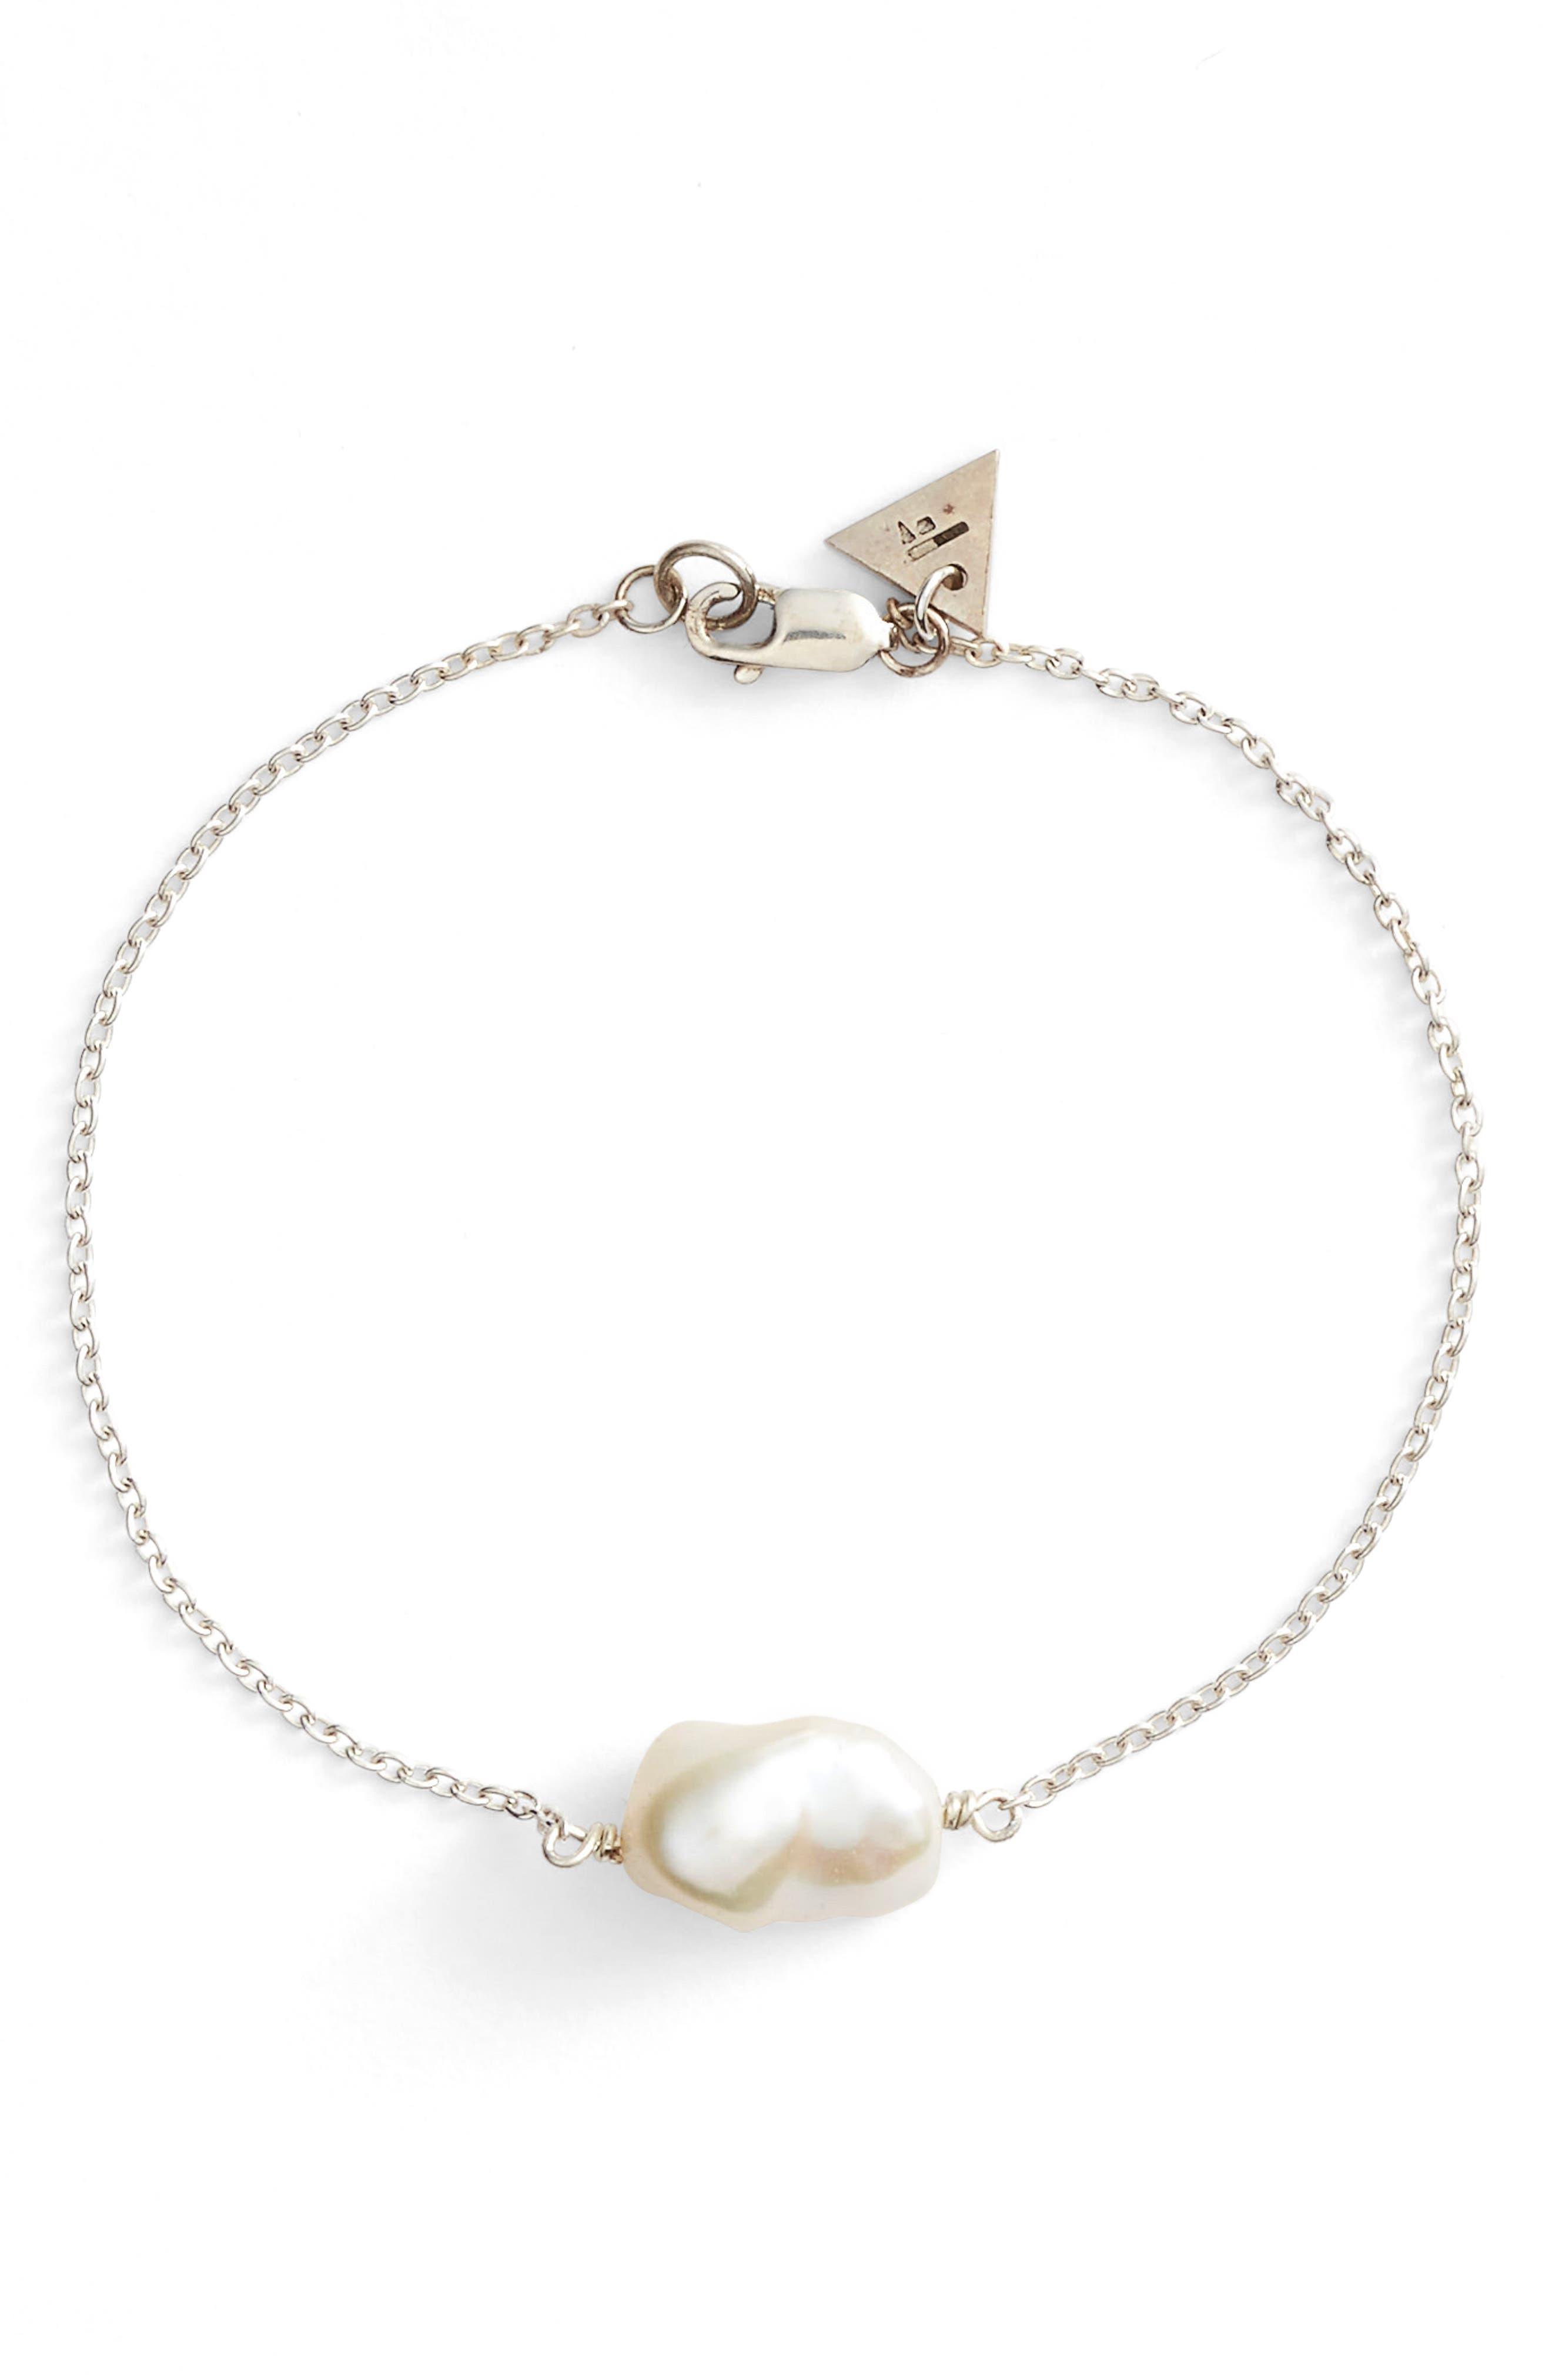 Keshi Cultured Pearl Bracelet,                         Main,                         color, 041